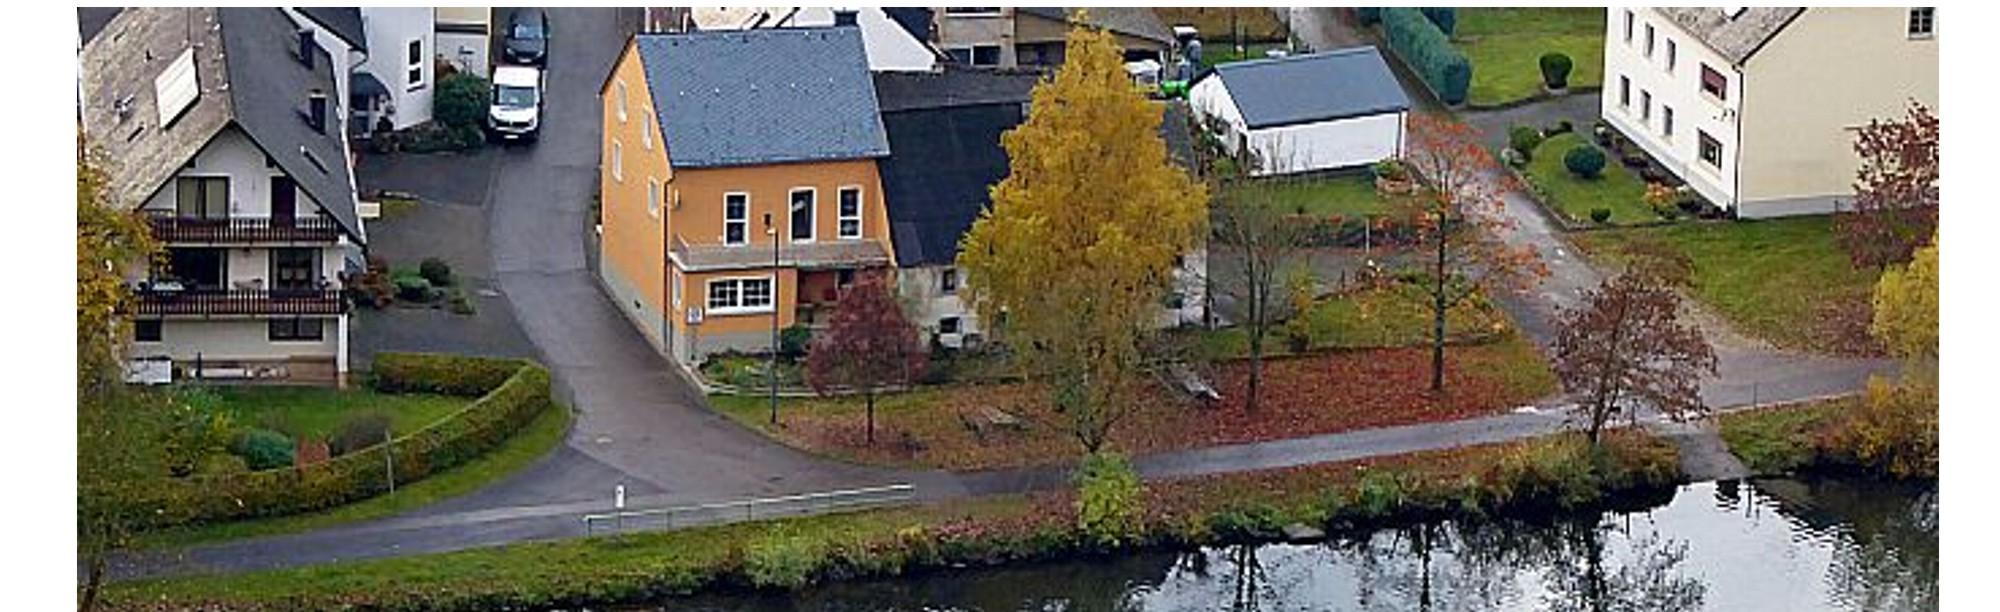 Piesport an der Mosel: Top saniertes EFH mit Nebengebäude an der Mosel